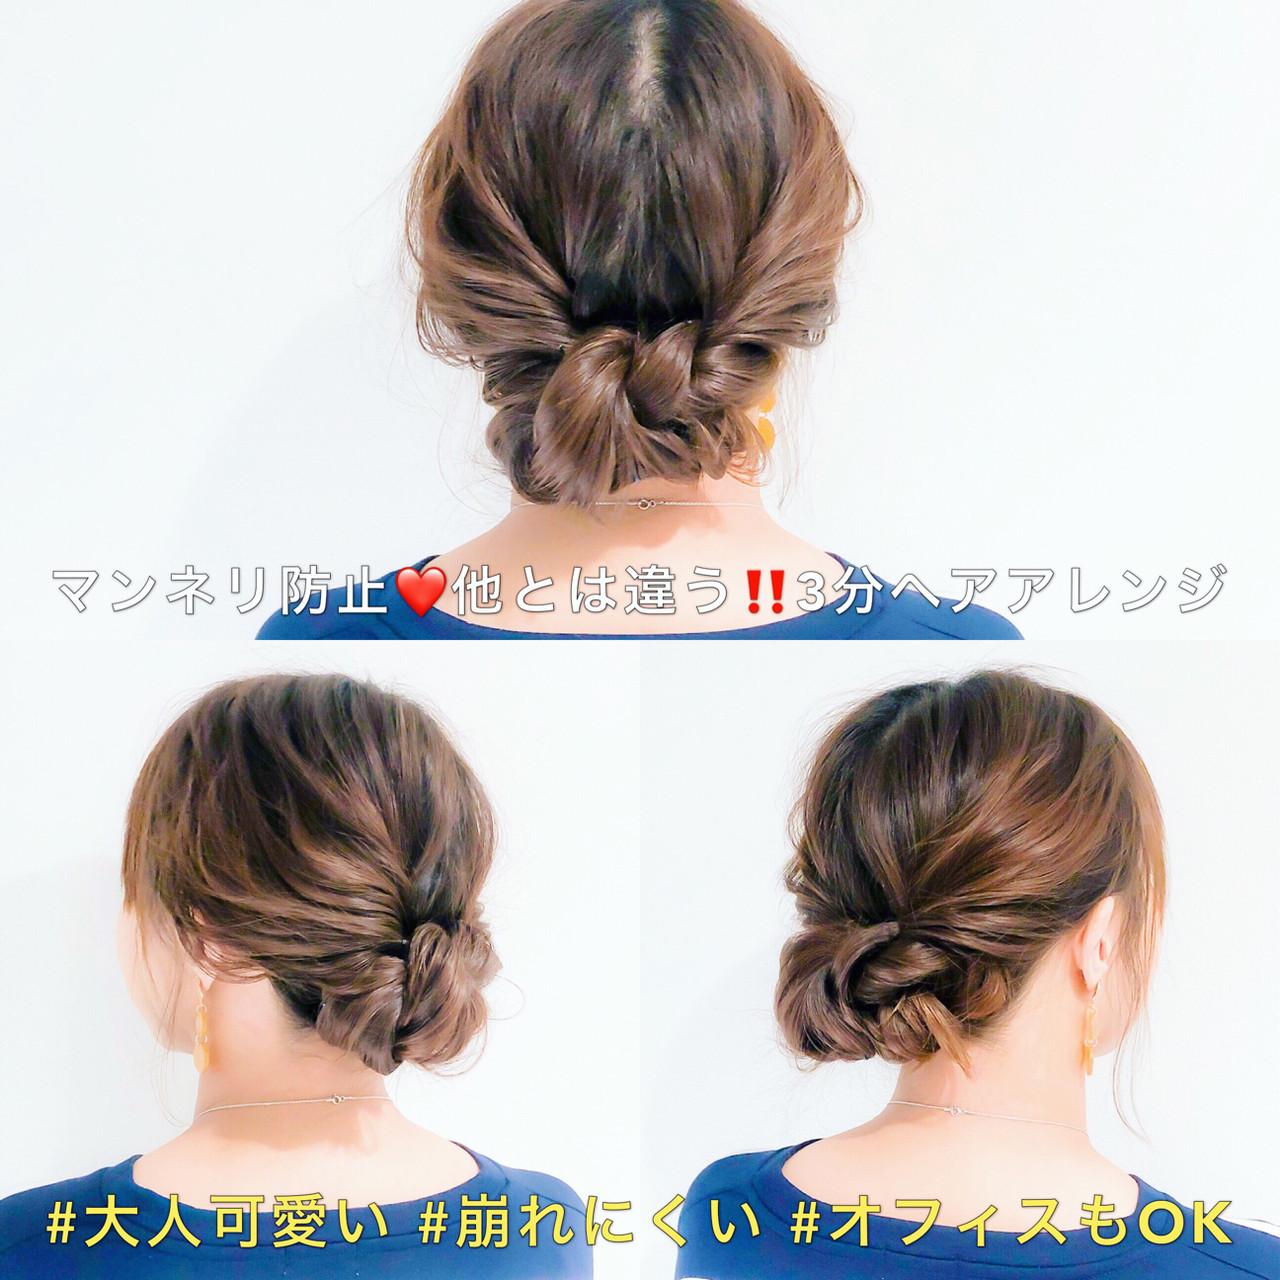 ヘアアレンジ フェミニン 浴衣アレンジ くるりんぱ ヘアスタイルや髪型の写真・画像 | 美容師HIRO/Amoute代表 / Amoute/アムティ